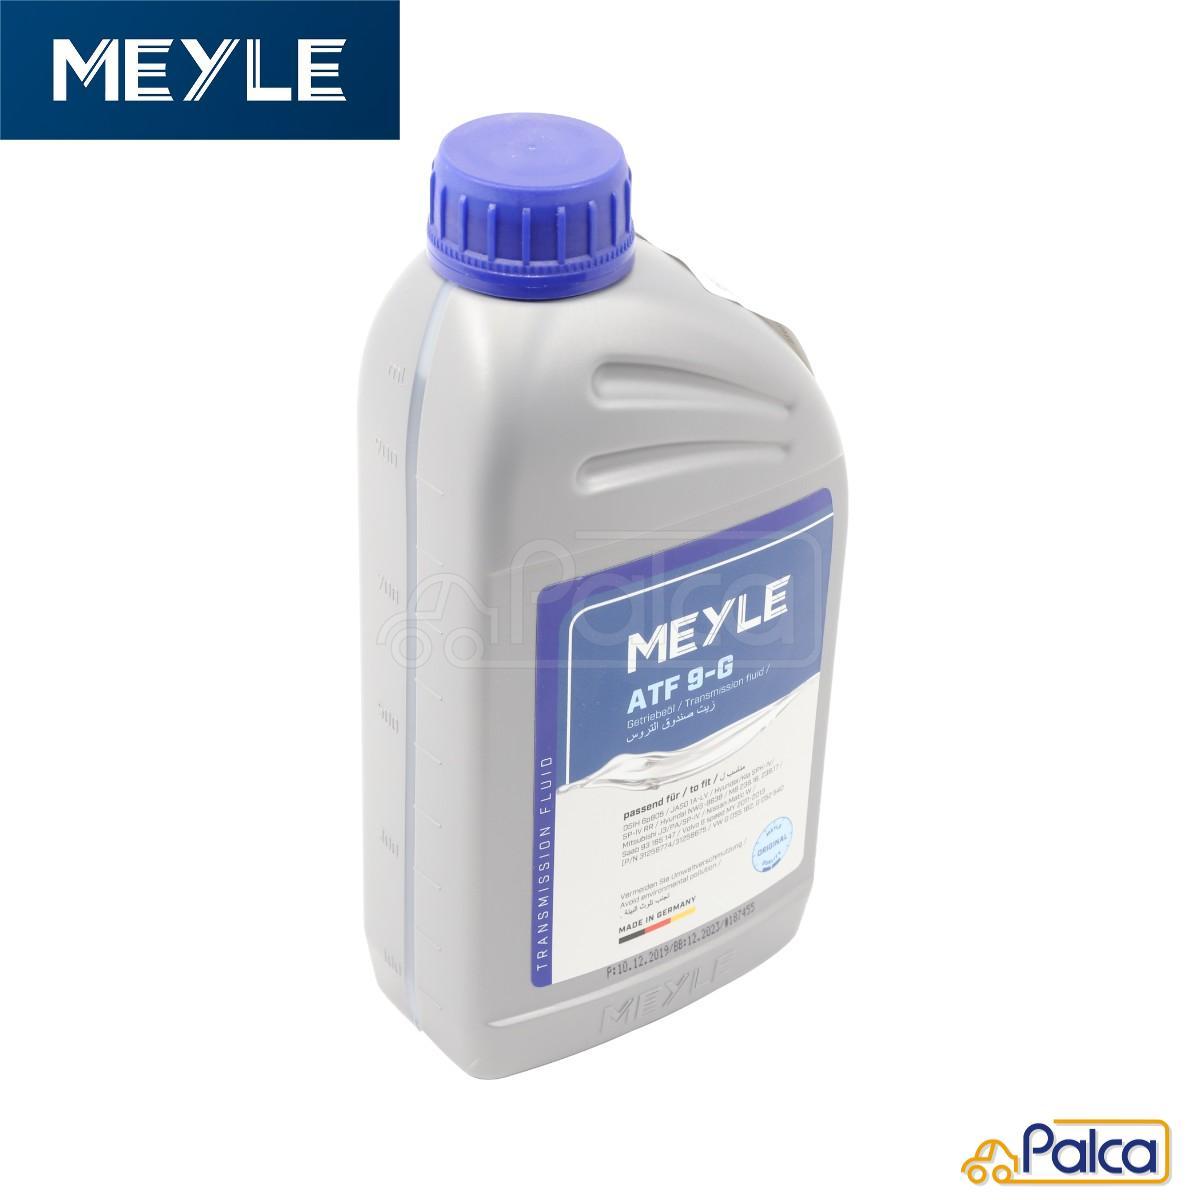 MEYLE製 新品 18%OFF あす楽 ベンツ ATF オートマチックトランスミッションフルード オイル 725.0 9速AT用 豪華な W213 MB236.17 Cクラス C238 C217 W222 Sクラス W205 Eクラス